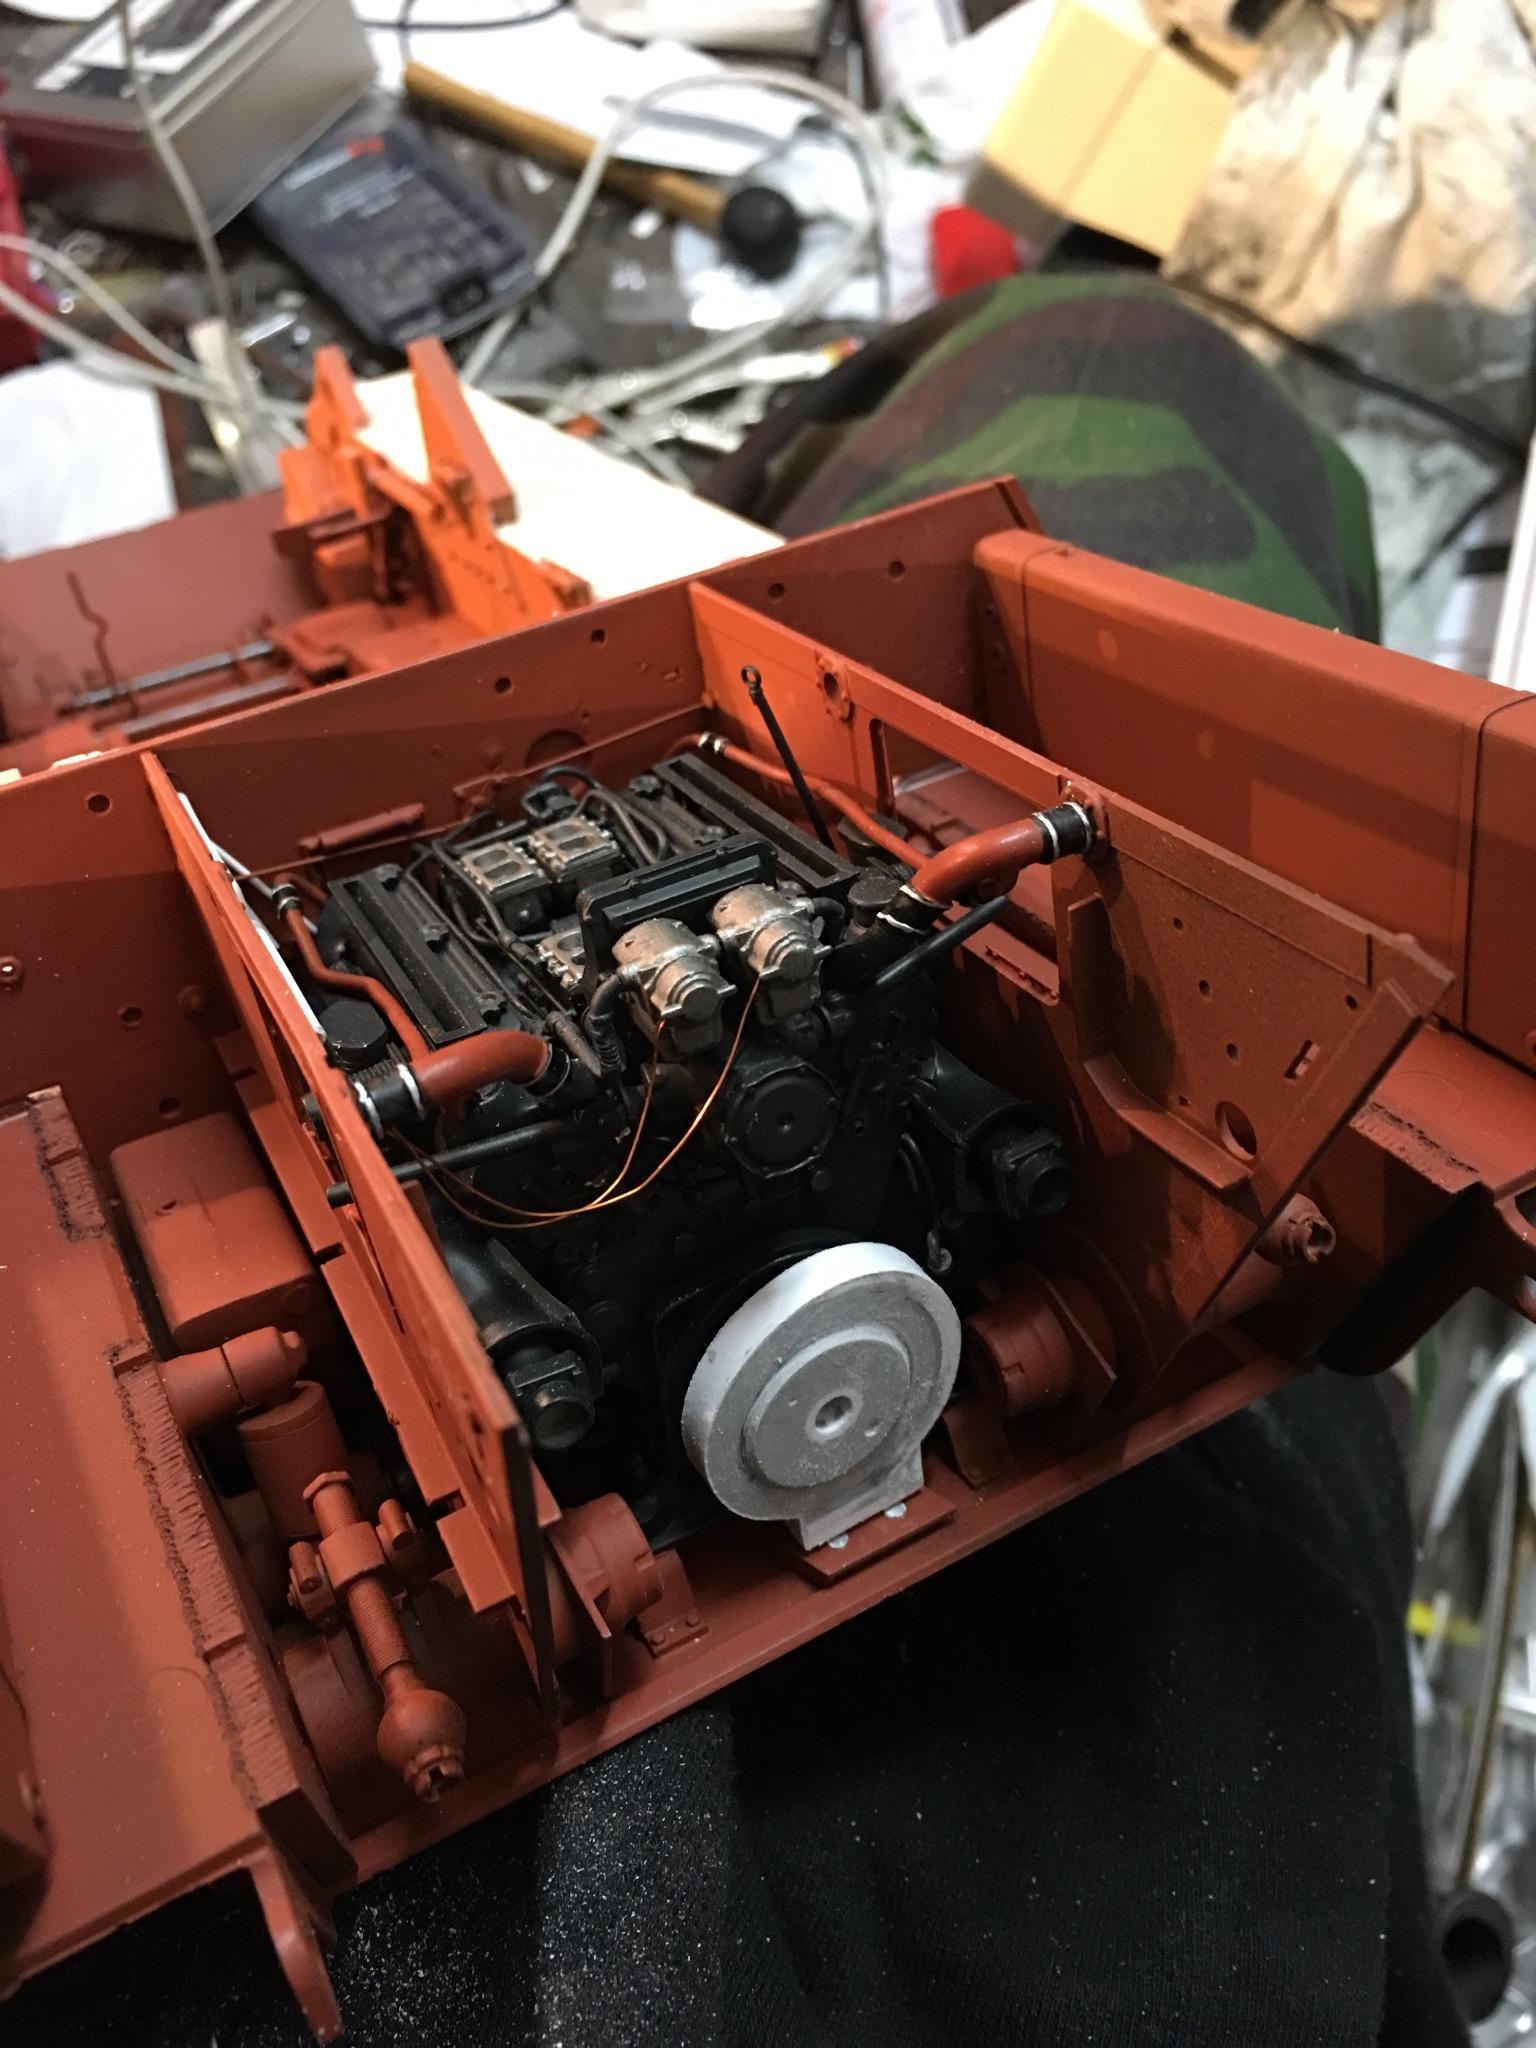 DA5144CF-2EDD-4209-BAA4-D9708EE6DDE9.jpeg